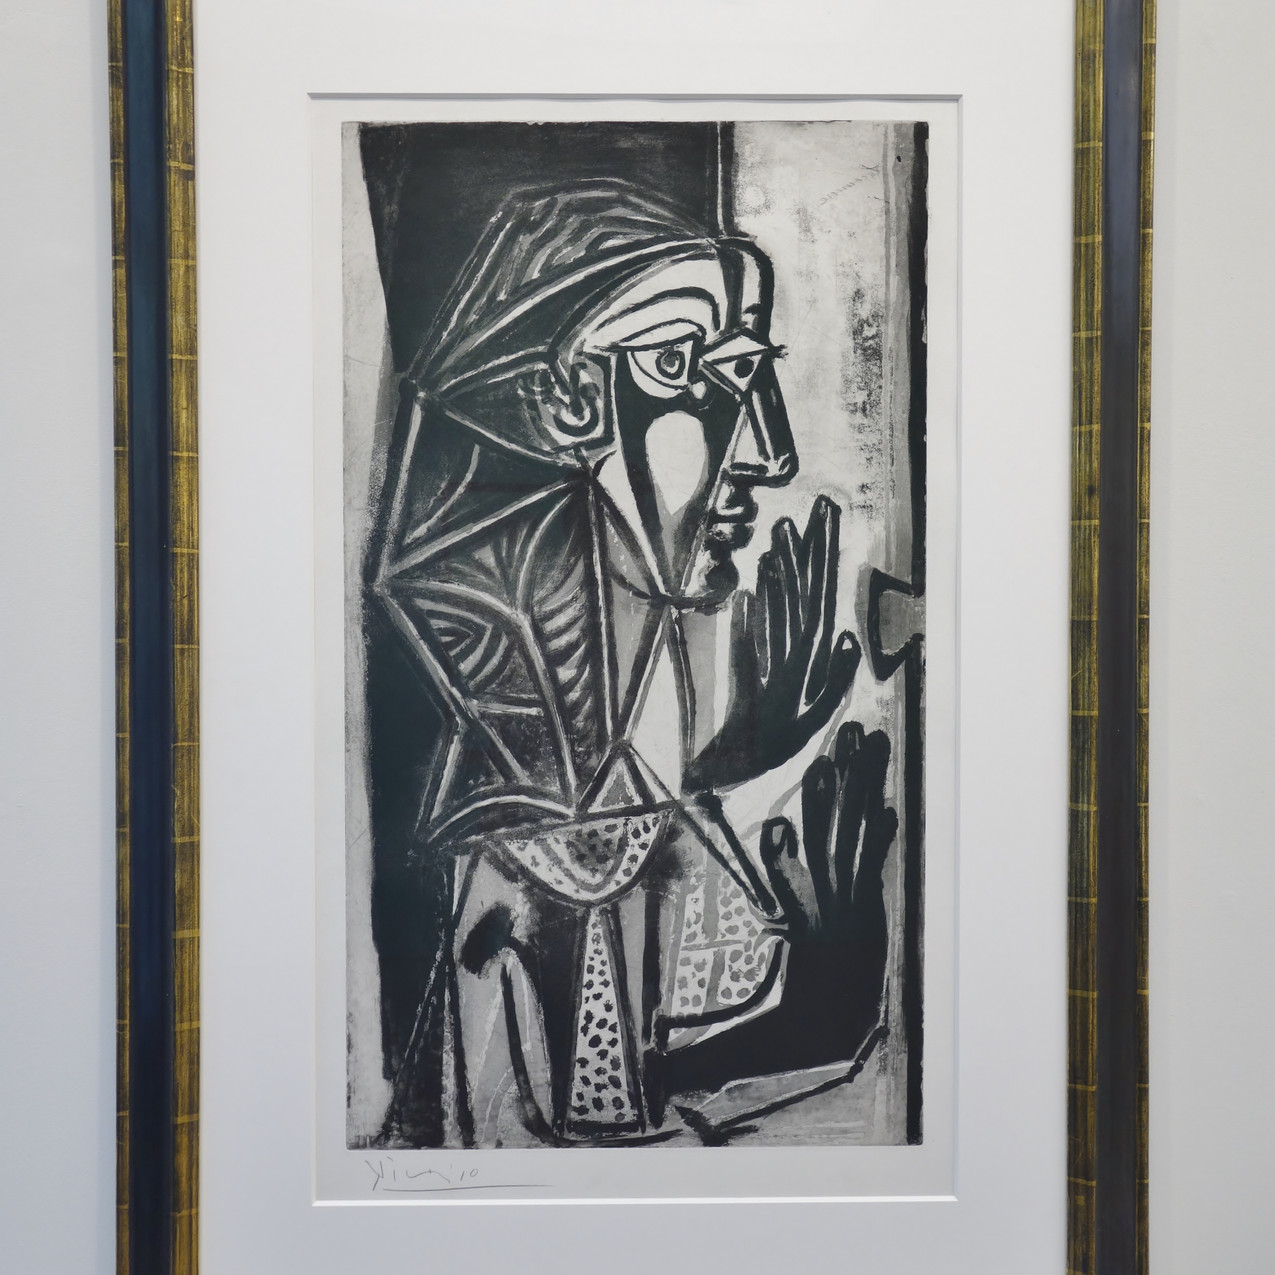 Miro, Picasso & Matisse